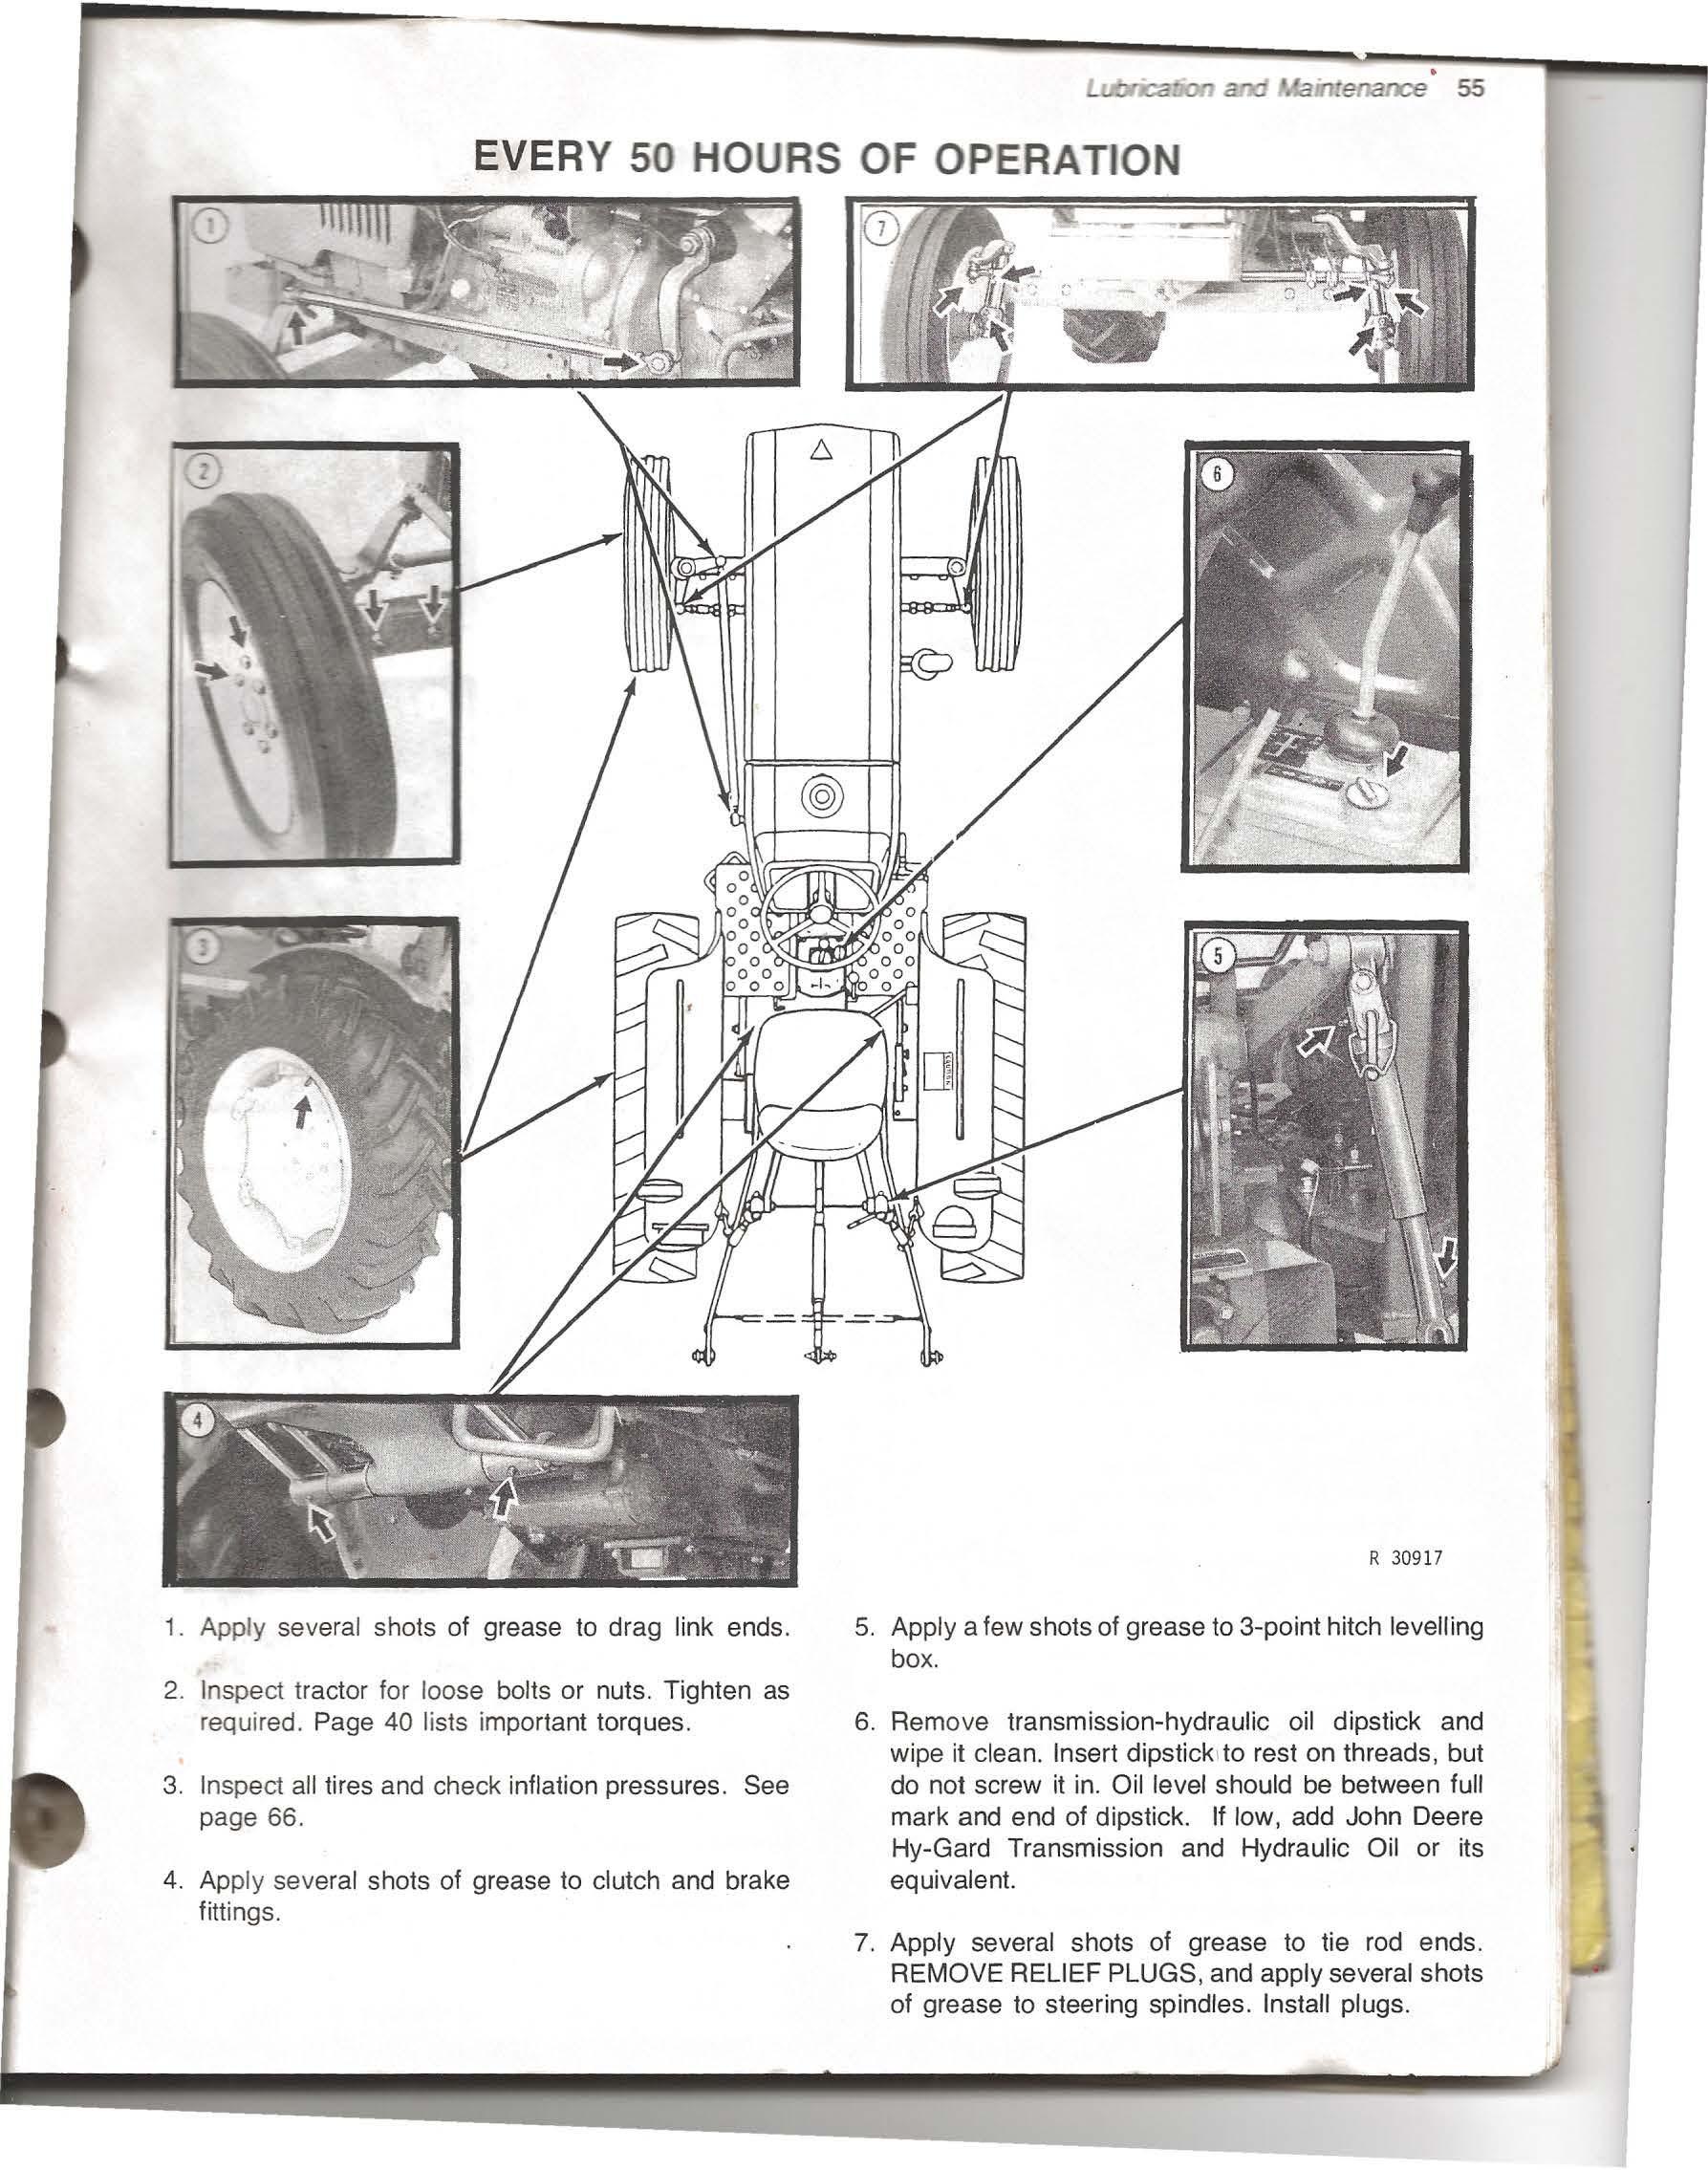 Deutz F3l1011 engine Parts manual